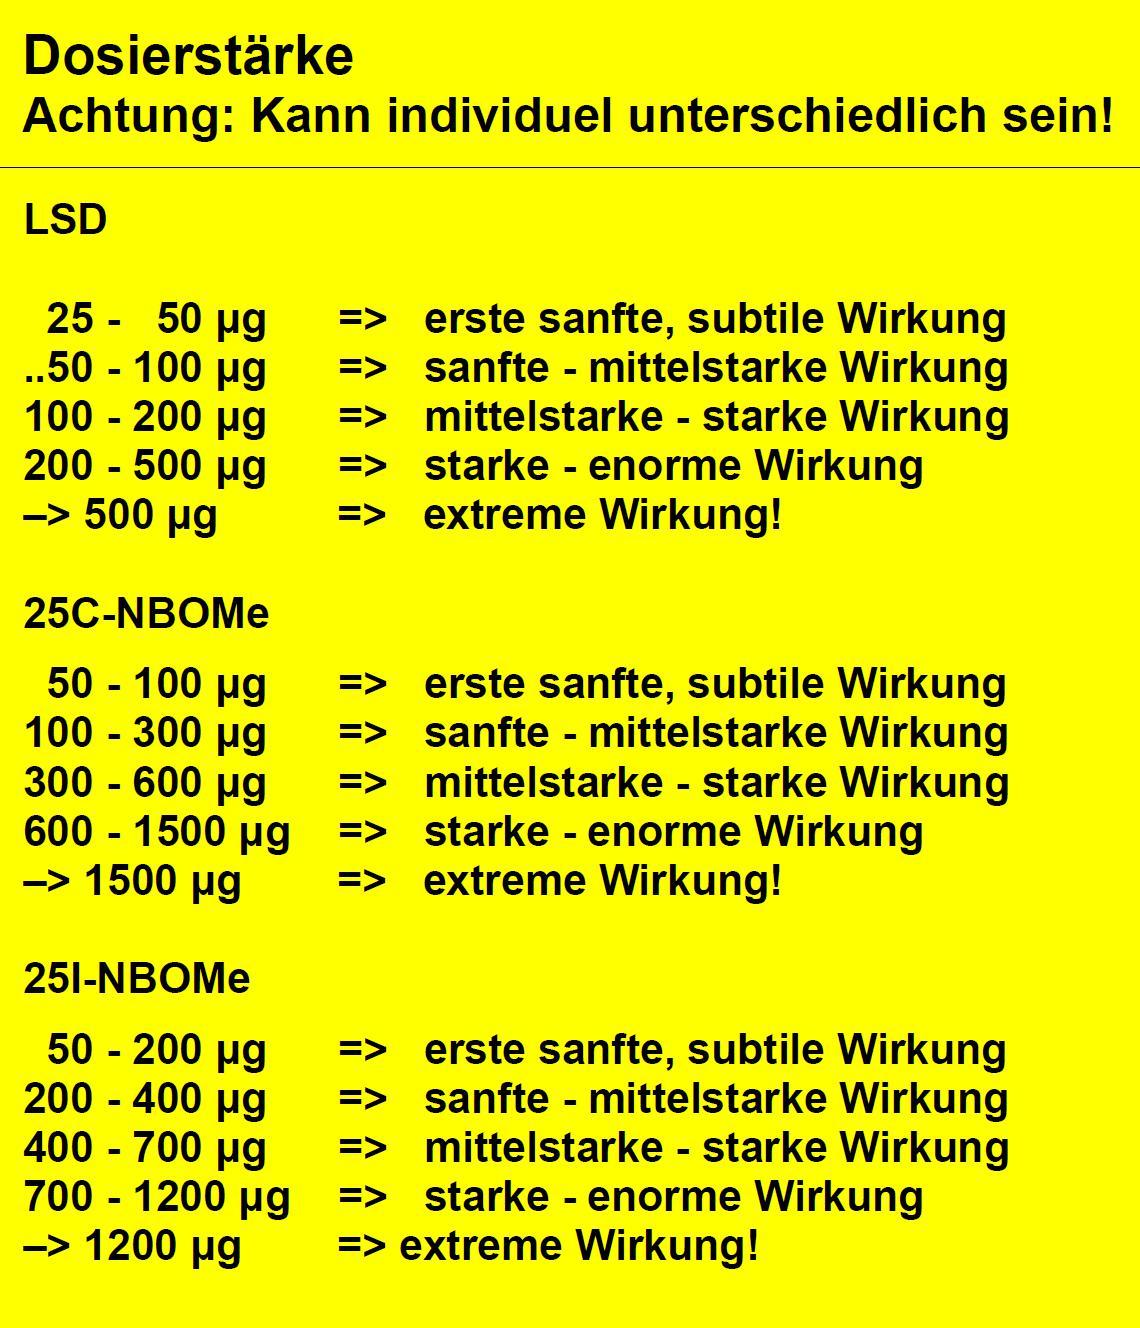 Abbildung 2 zeigt die üblichen Dosierungen von LSD und 25C-NBOMes und 25I-NBOMe mit Angabe der Wirkungsintensität.